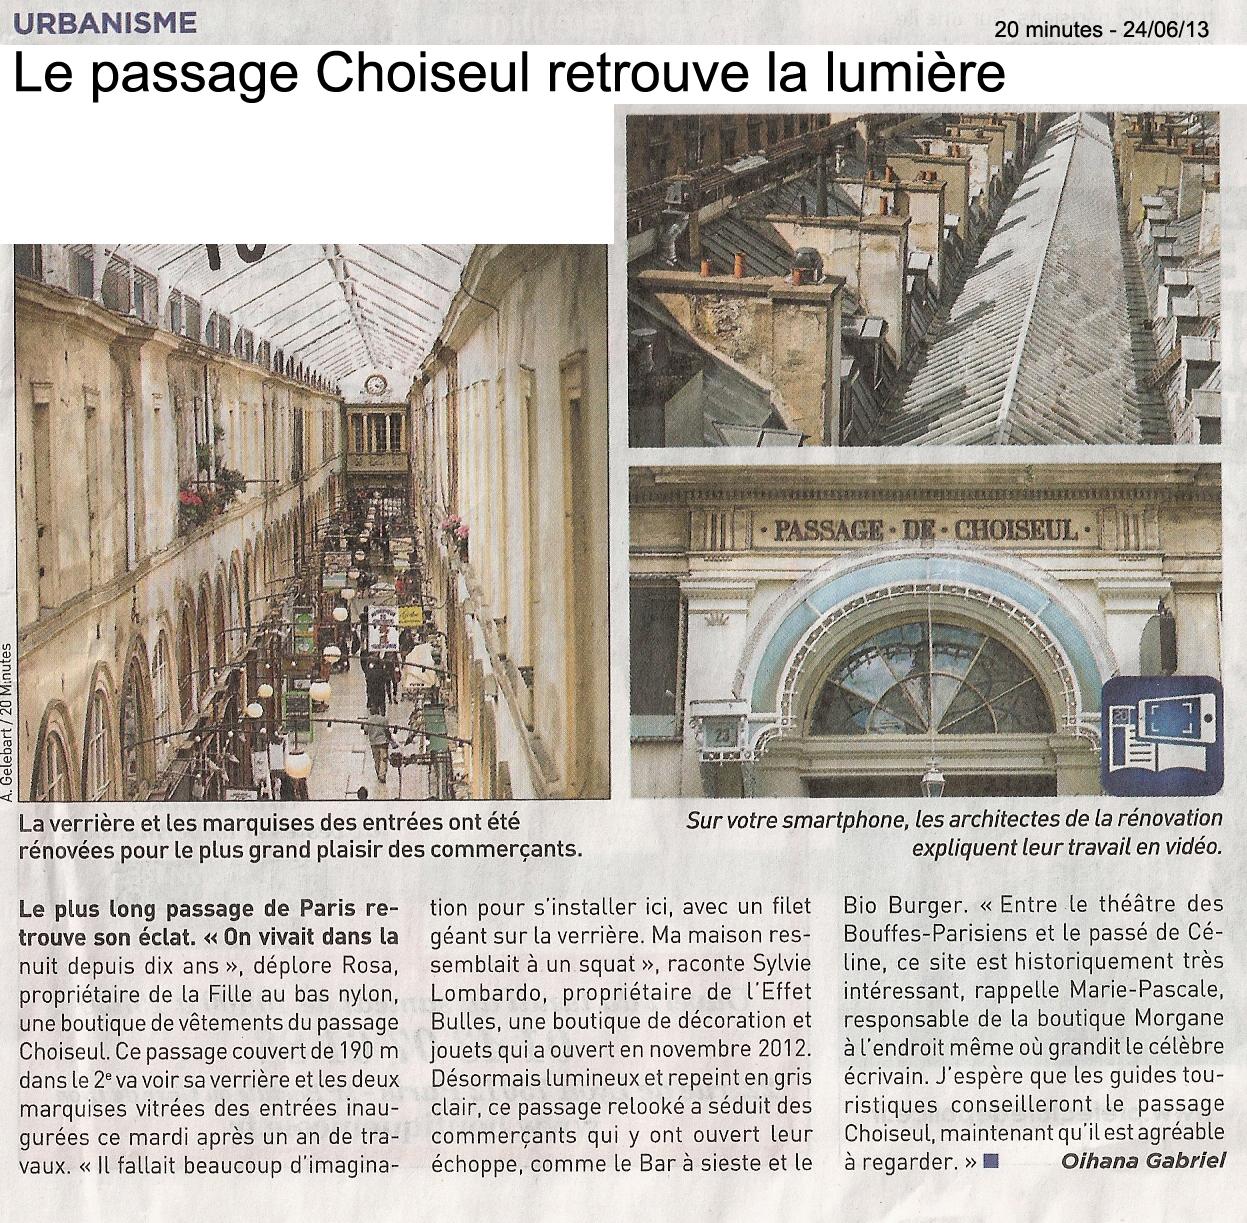 Le passage Choiseul retrouve la lumière et son cadran